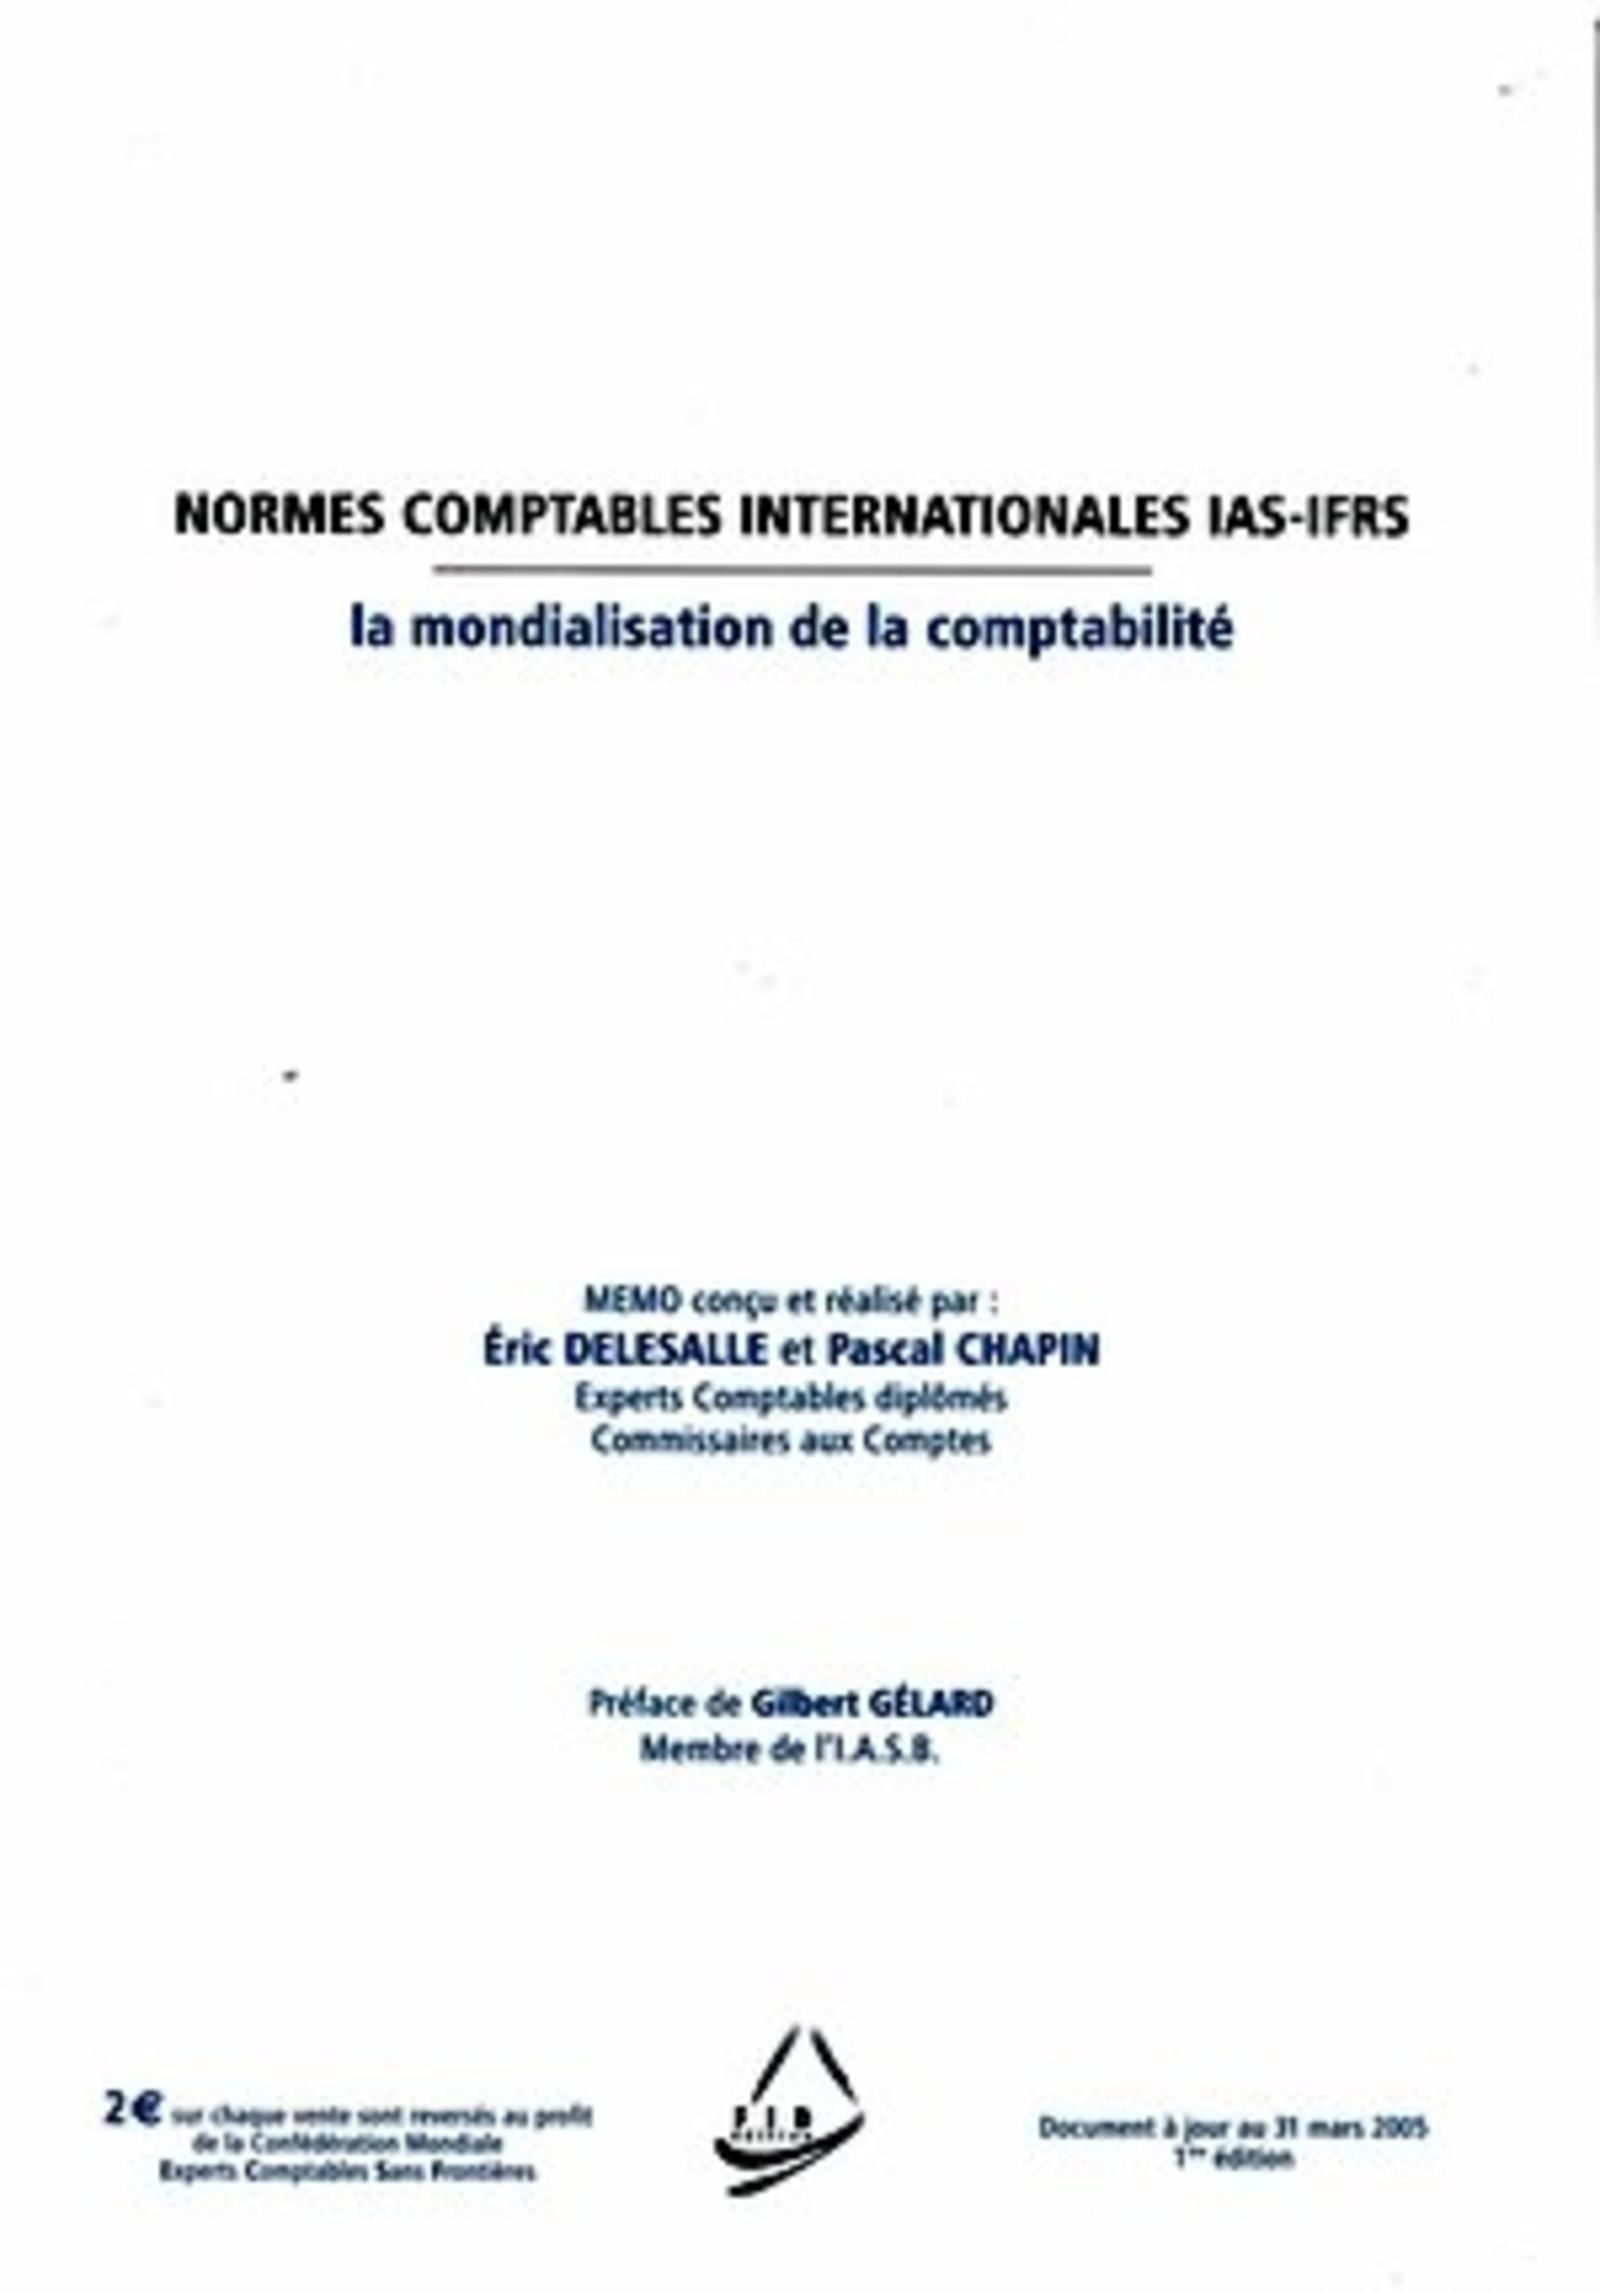 NORMES COMPTABLES INTERNATIONALES IAS-IFRS - LA MONDIALISATION DE LA COMPTABILITE -  DOCUMENT A JOUR